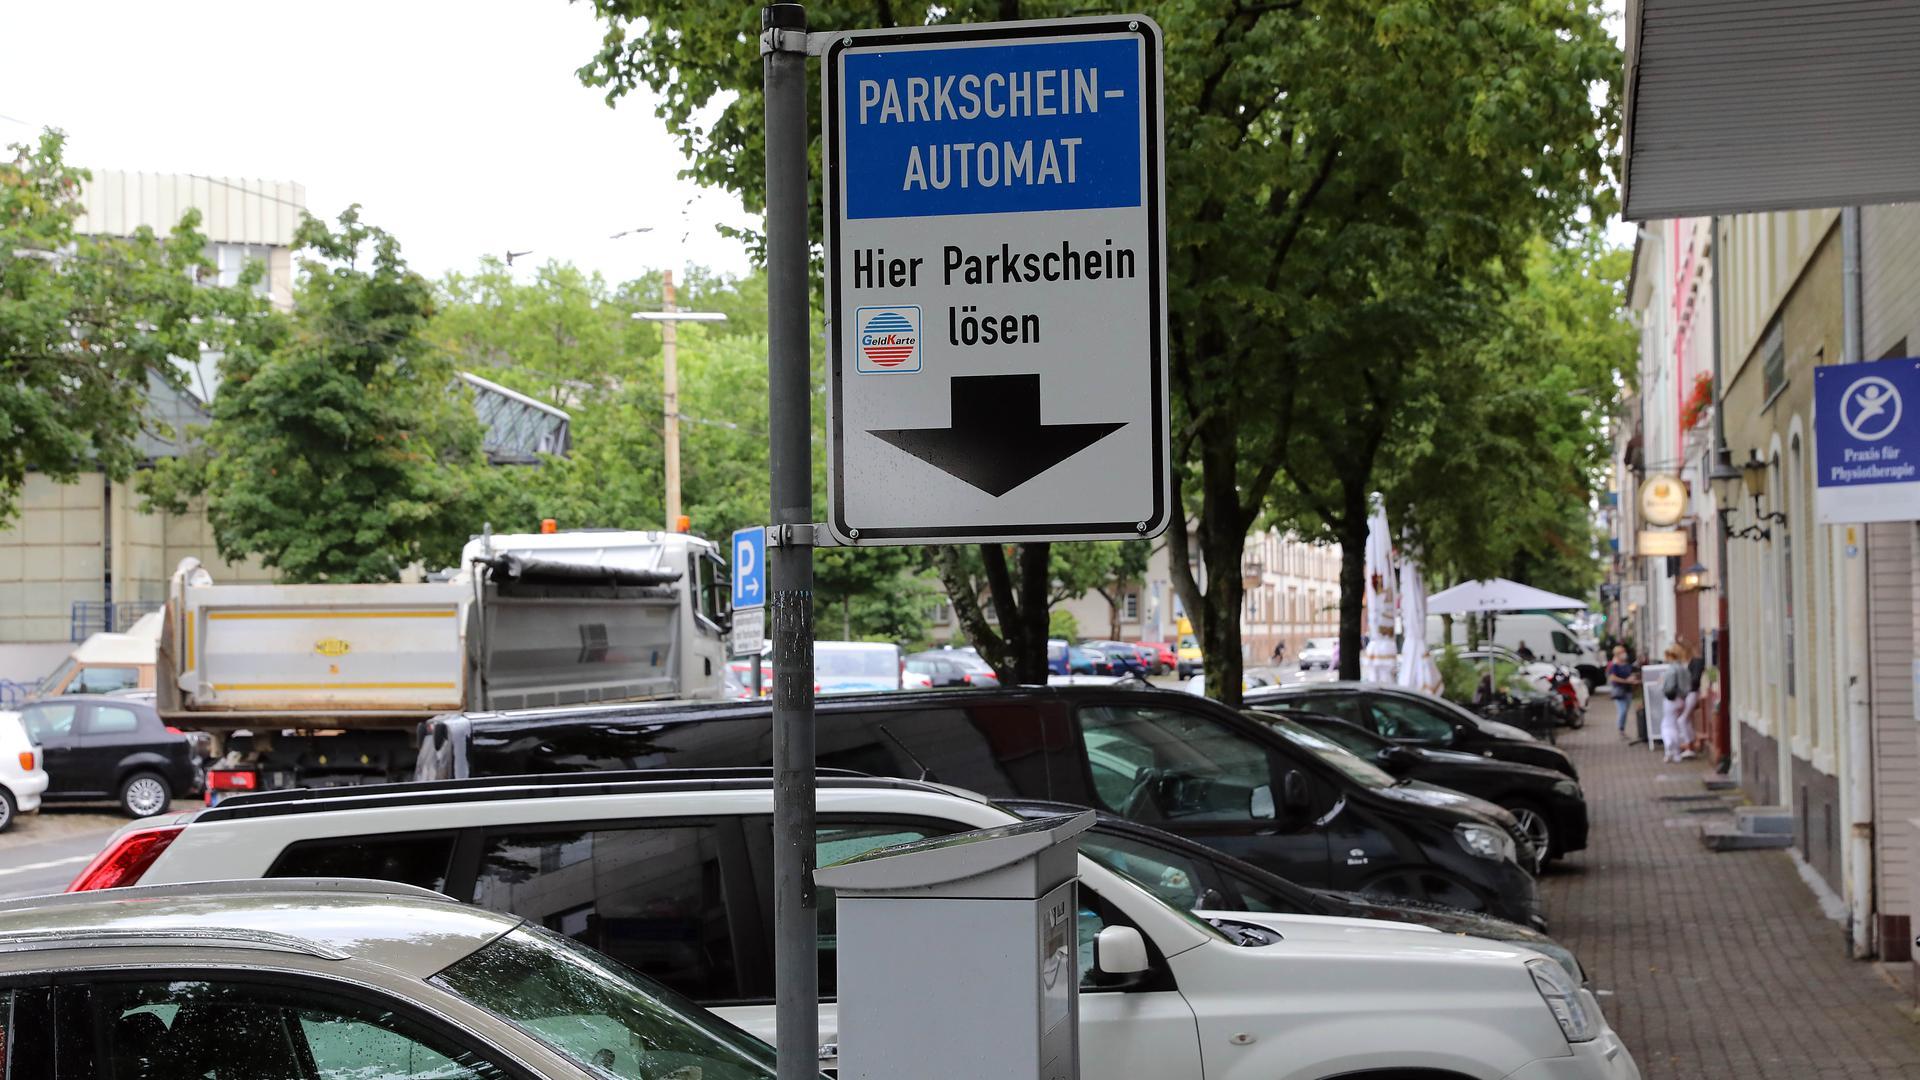 Teurer Parkraum: In der Tarifzone zwei - wie hier in der Baumeisterstraße - muss einen Euro zahlen, wer auch nur ganz kurz parken will.